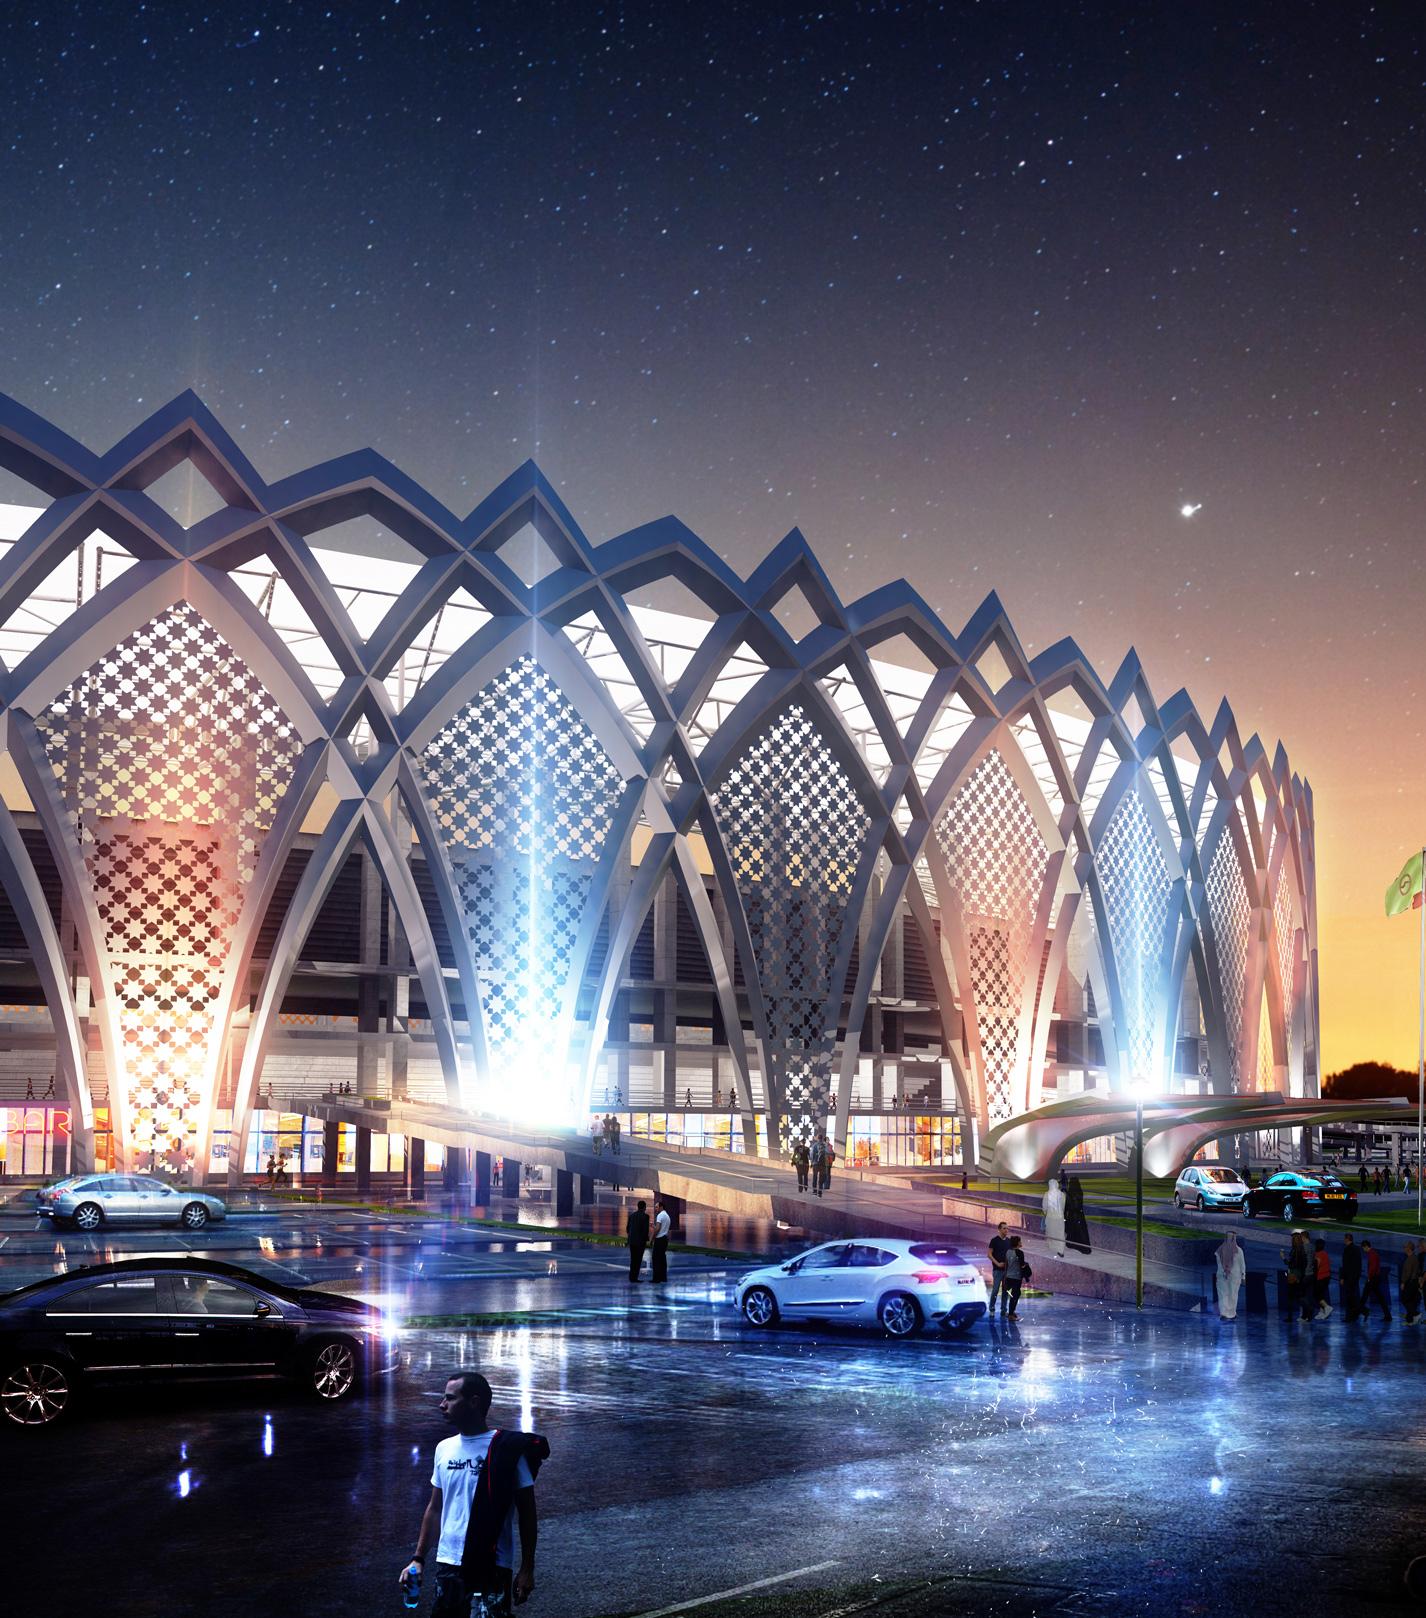 مجموعه ورزشی ۱۲هزار نفری الزورا و استادیوم المپیک ۶۰هزارنفری تاجیات بغداد